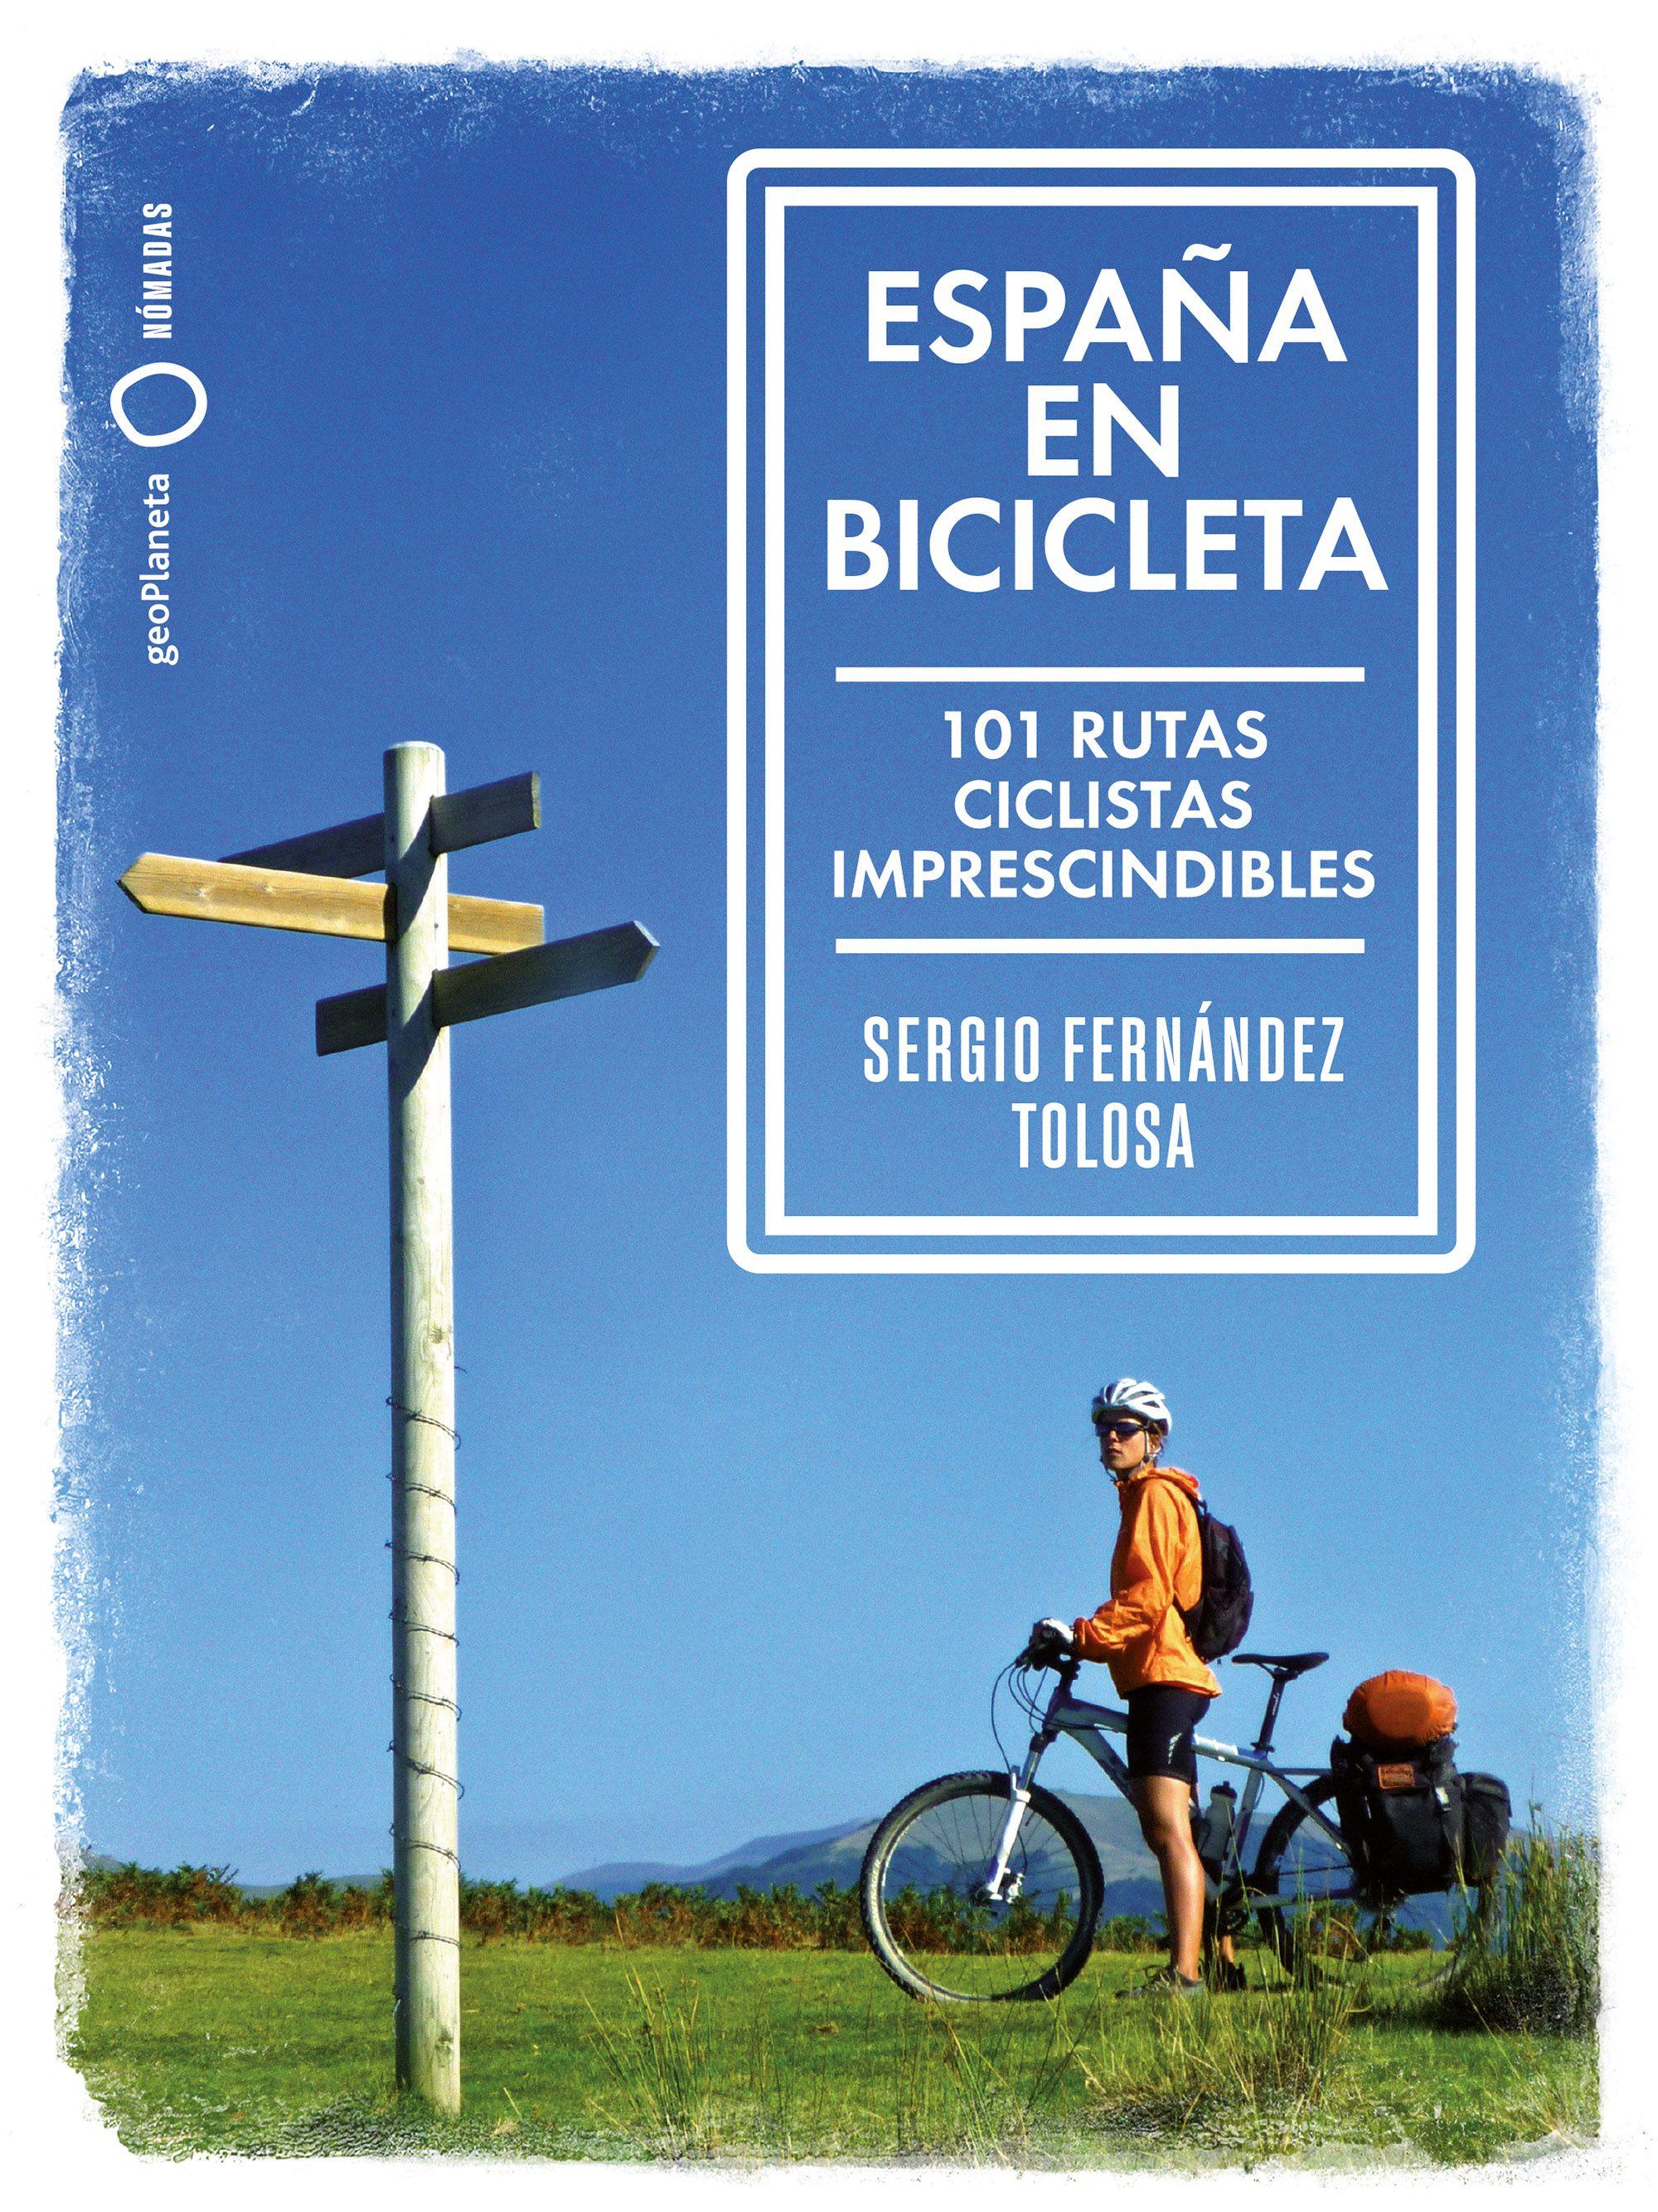 España en bicicleta. 101 rutas ciclistas imprescindibles